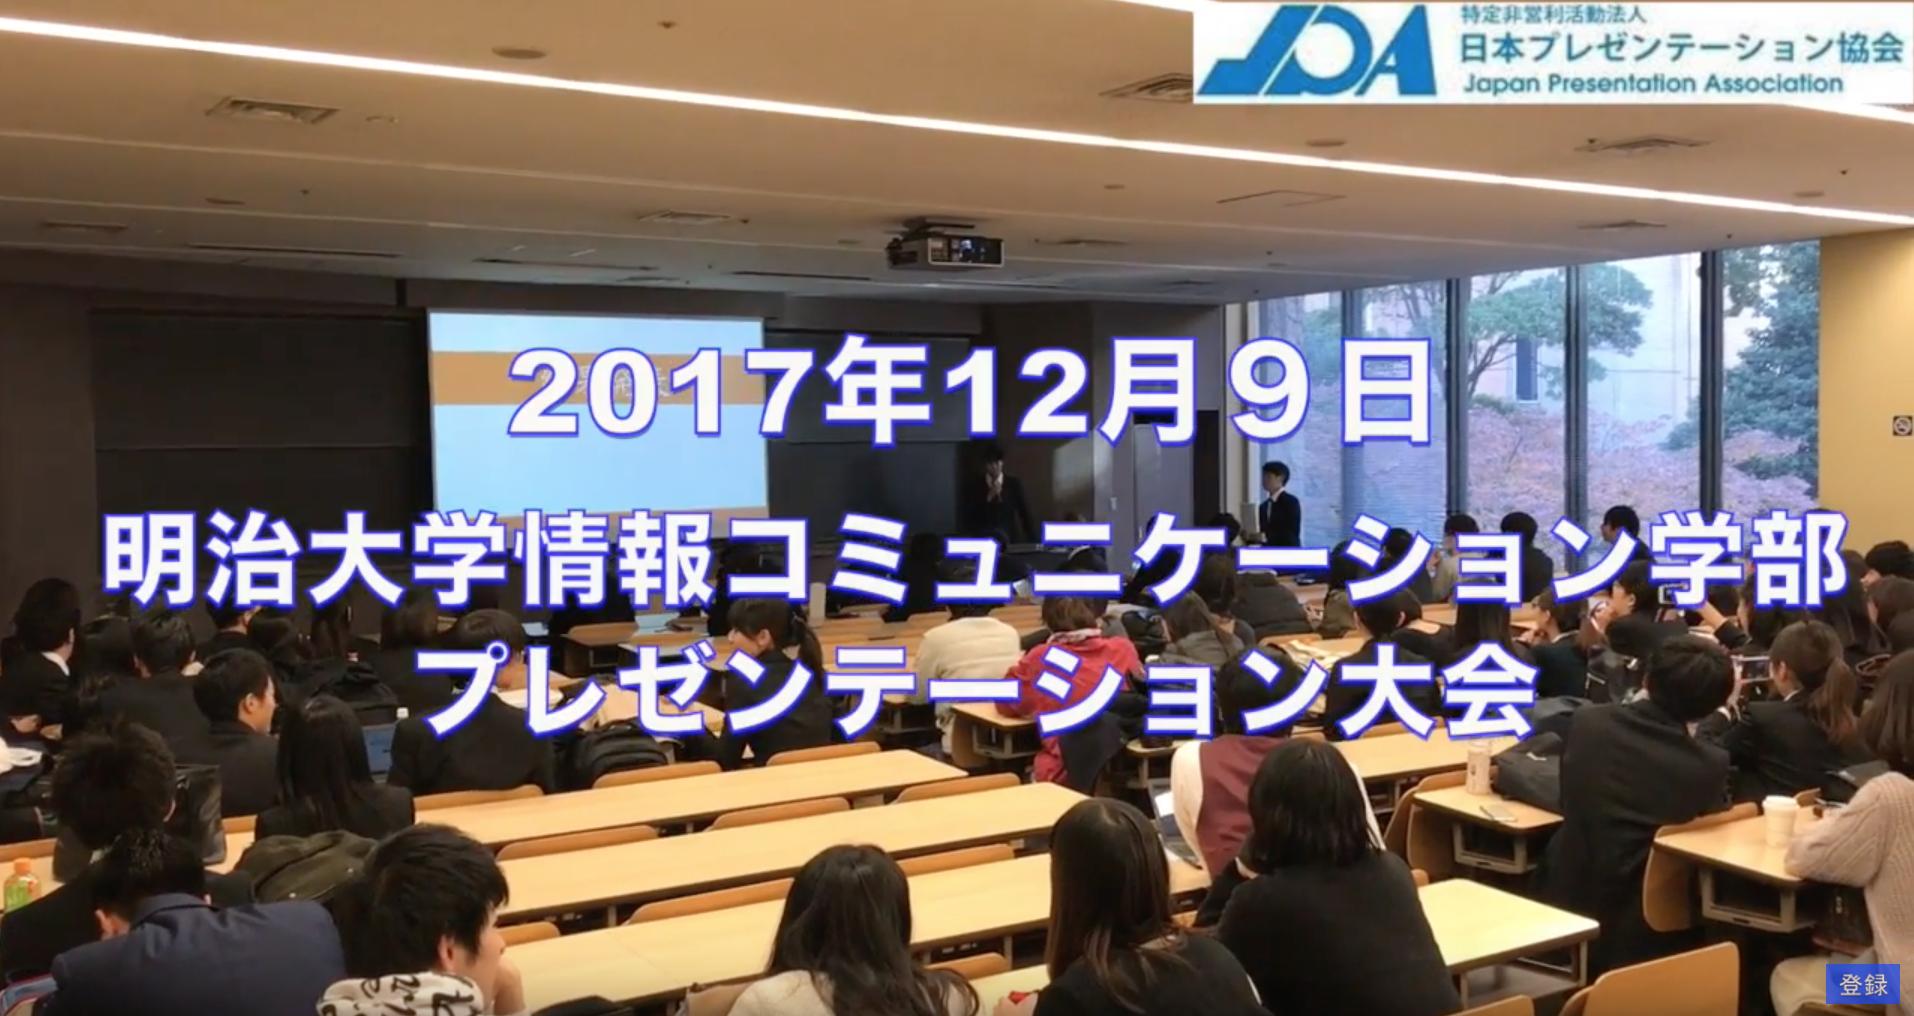 日本プレゼンテーション協会明治大学プレゼンテーション大会2017